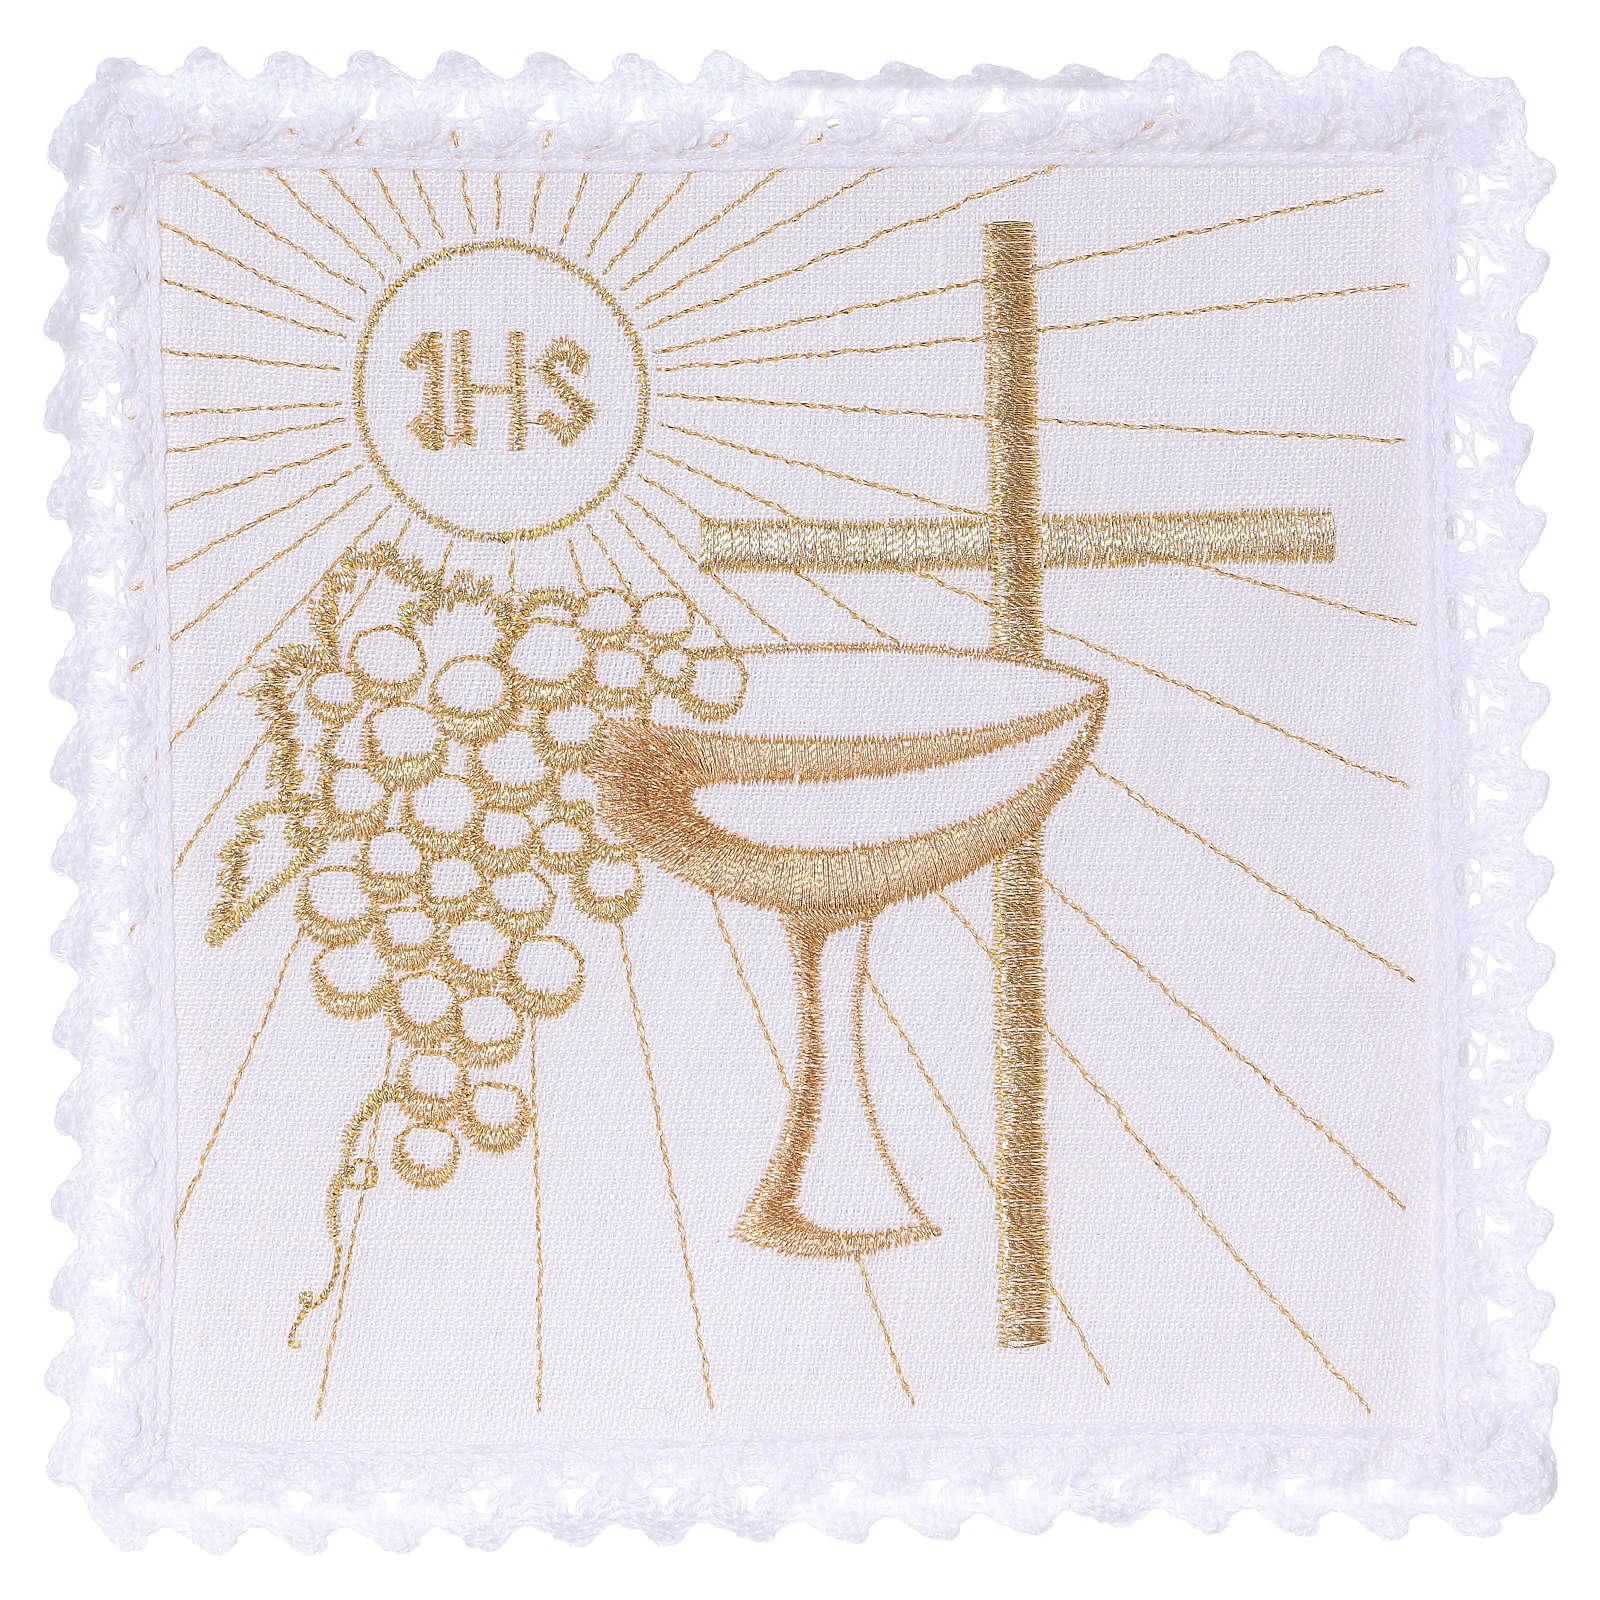 Servizio da altare 100% lino croce calice uva 4